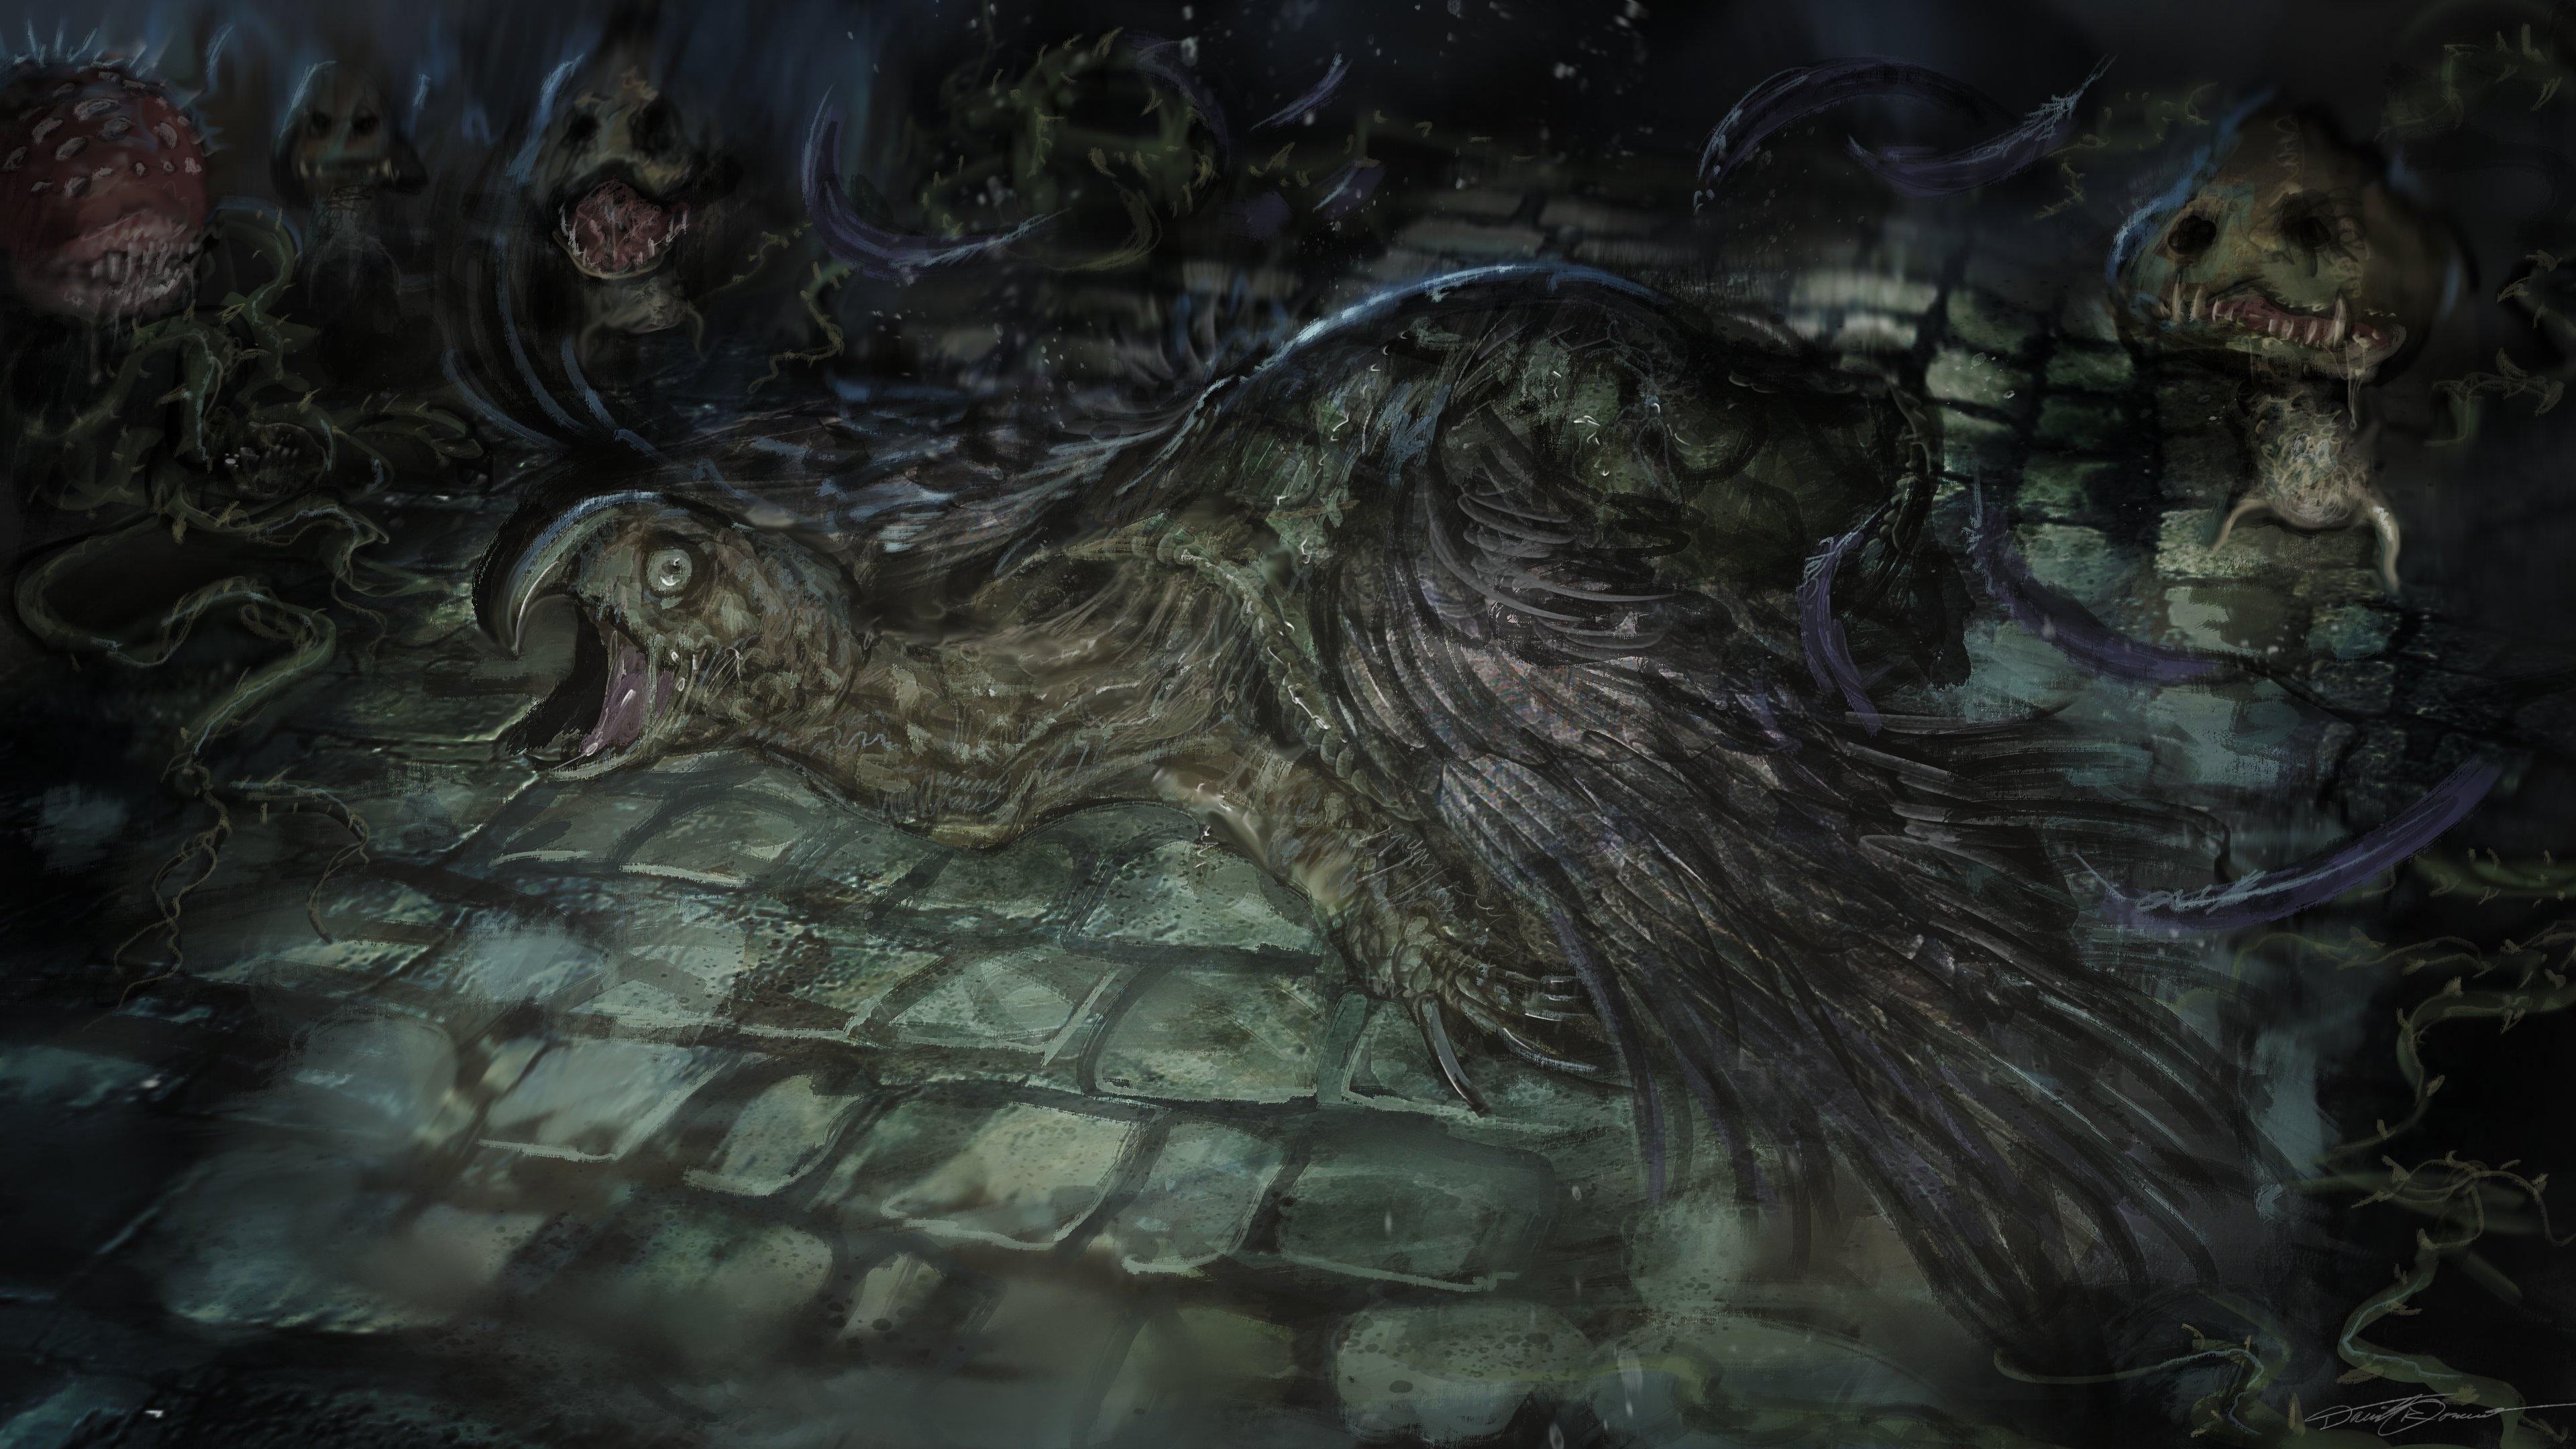 《血源》版《马里奥》艺术图欣赏 黛西公主帅气十足